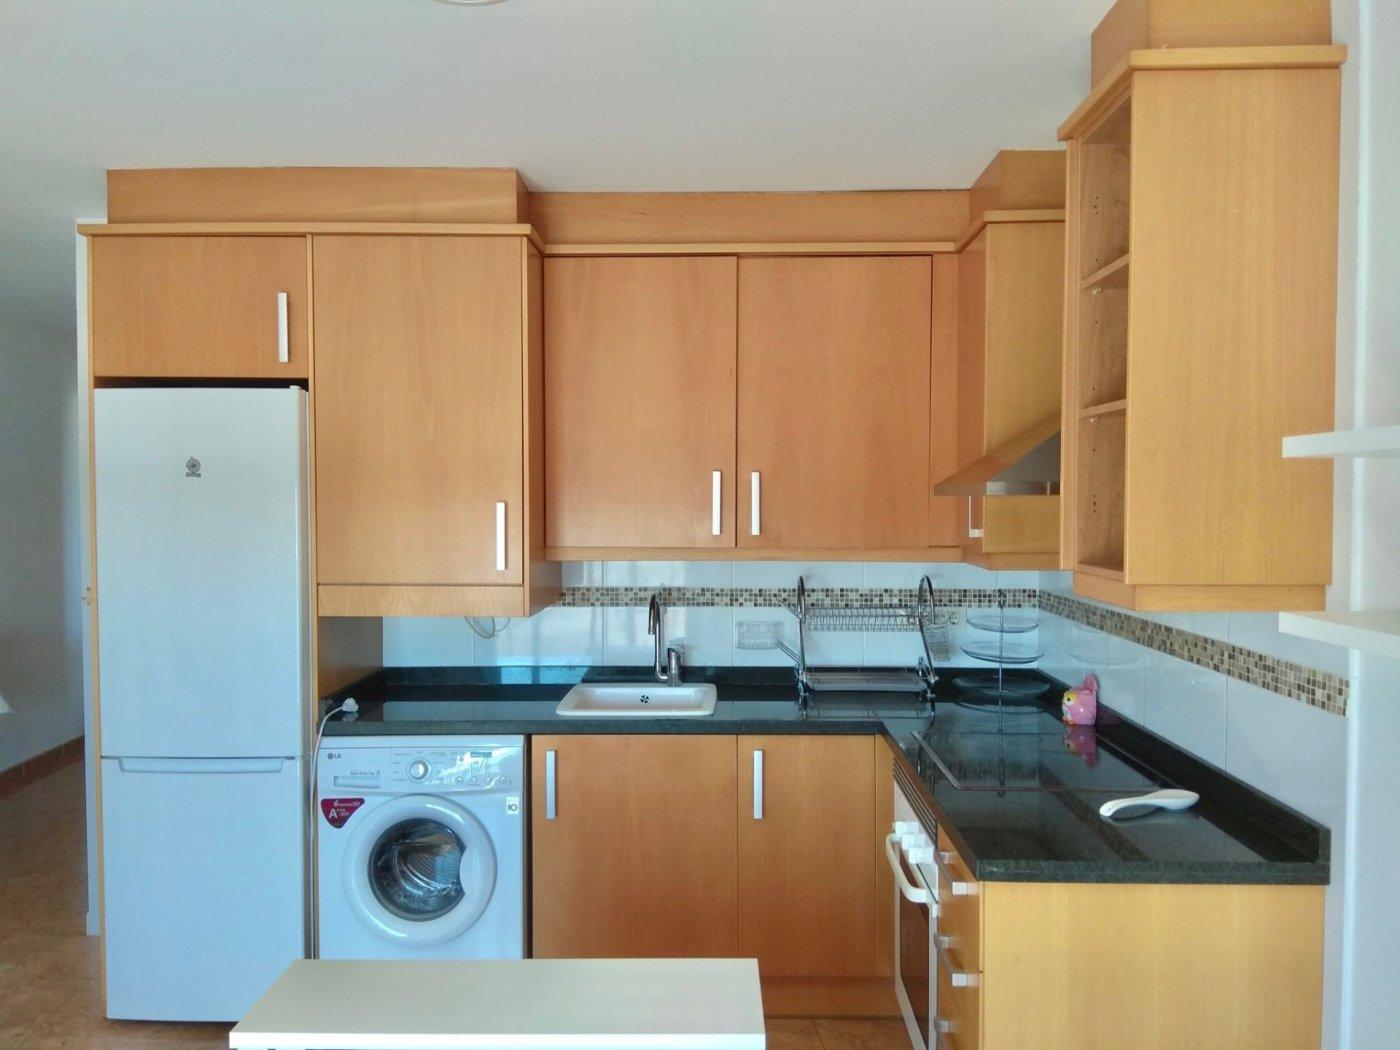 Rent Flat  Almazora - almassora ,nueve de octubre. Alquiler con opción a compra, piso seminuevo de un dormitorio, c